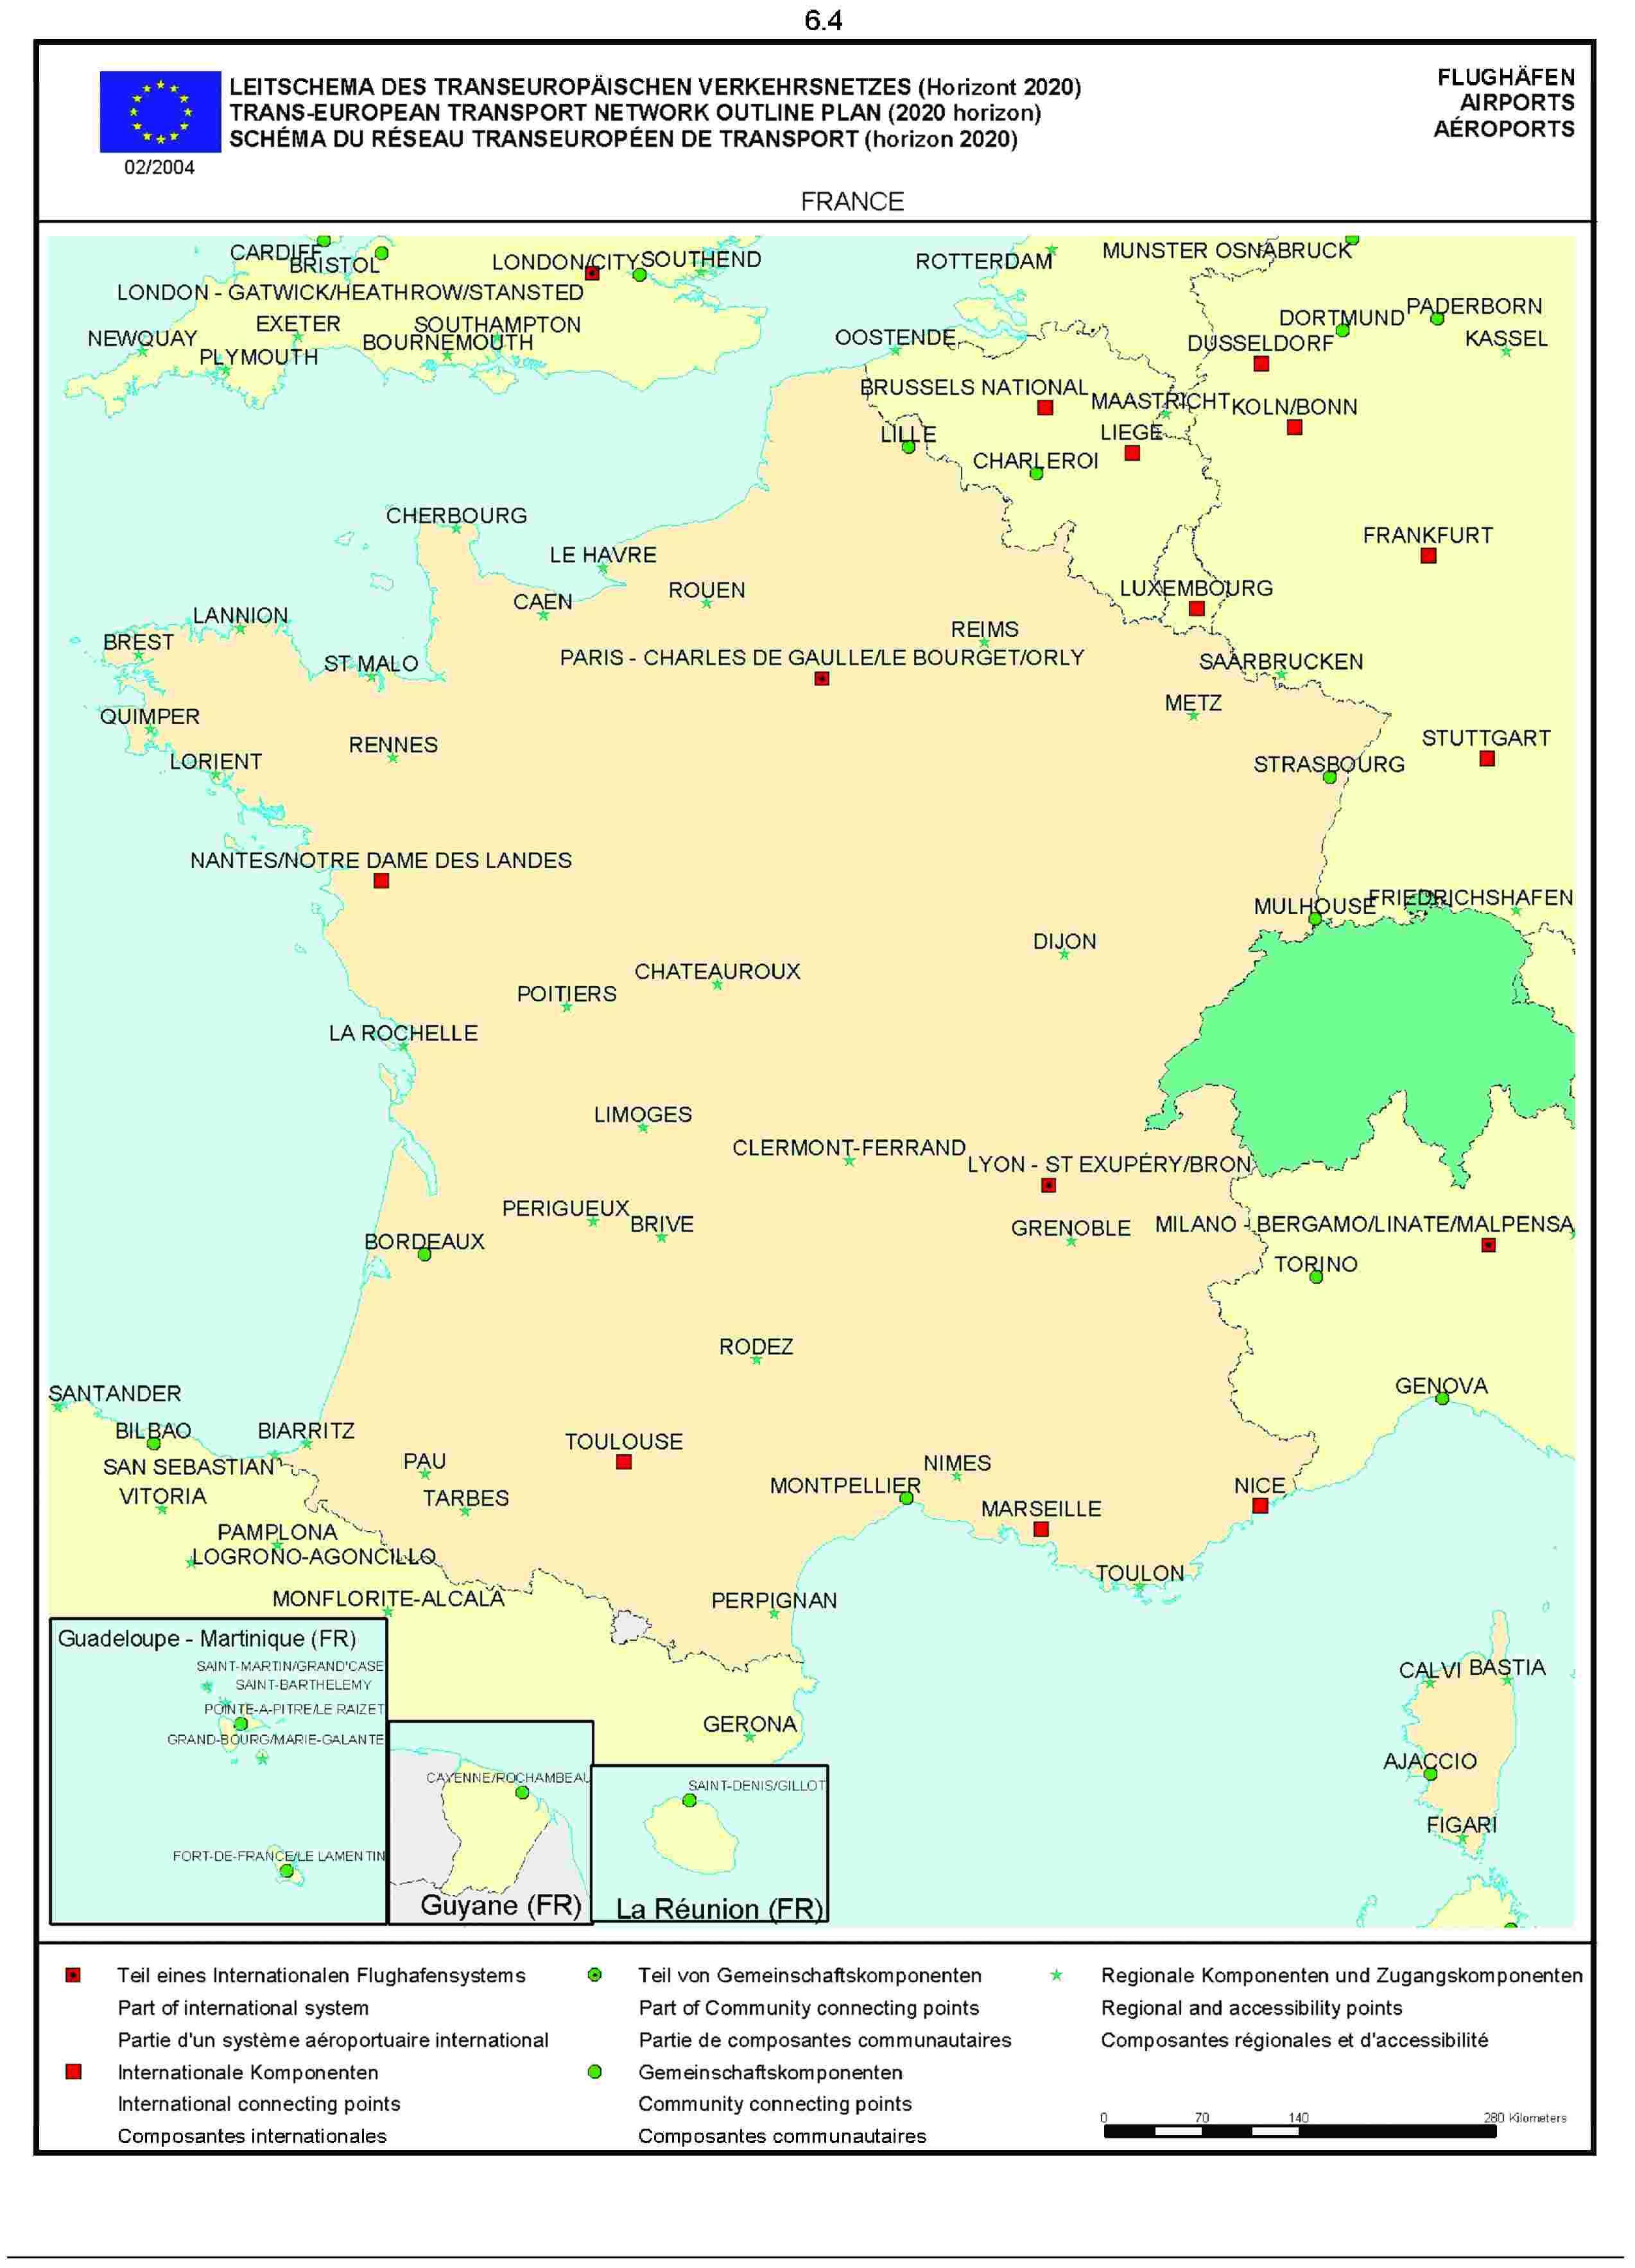 6.4LEITSCHEMA DES TRANSEUROPÄISCHEN VERKEHRSNETZES (Horizont 2020) FLUGHÄFENTRANS-EUROPEAN TRANSPORT NETWORK OUTLINE PLAN (2020 horizon) AIRPORTSSCHÉMA DU RÉSEAU TRANSEUROPÉEN DE TRANSPORT (horizon 2020) AÉROPORTS02/2004FRANCE